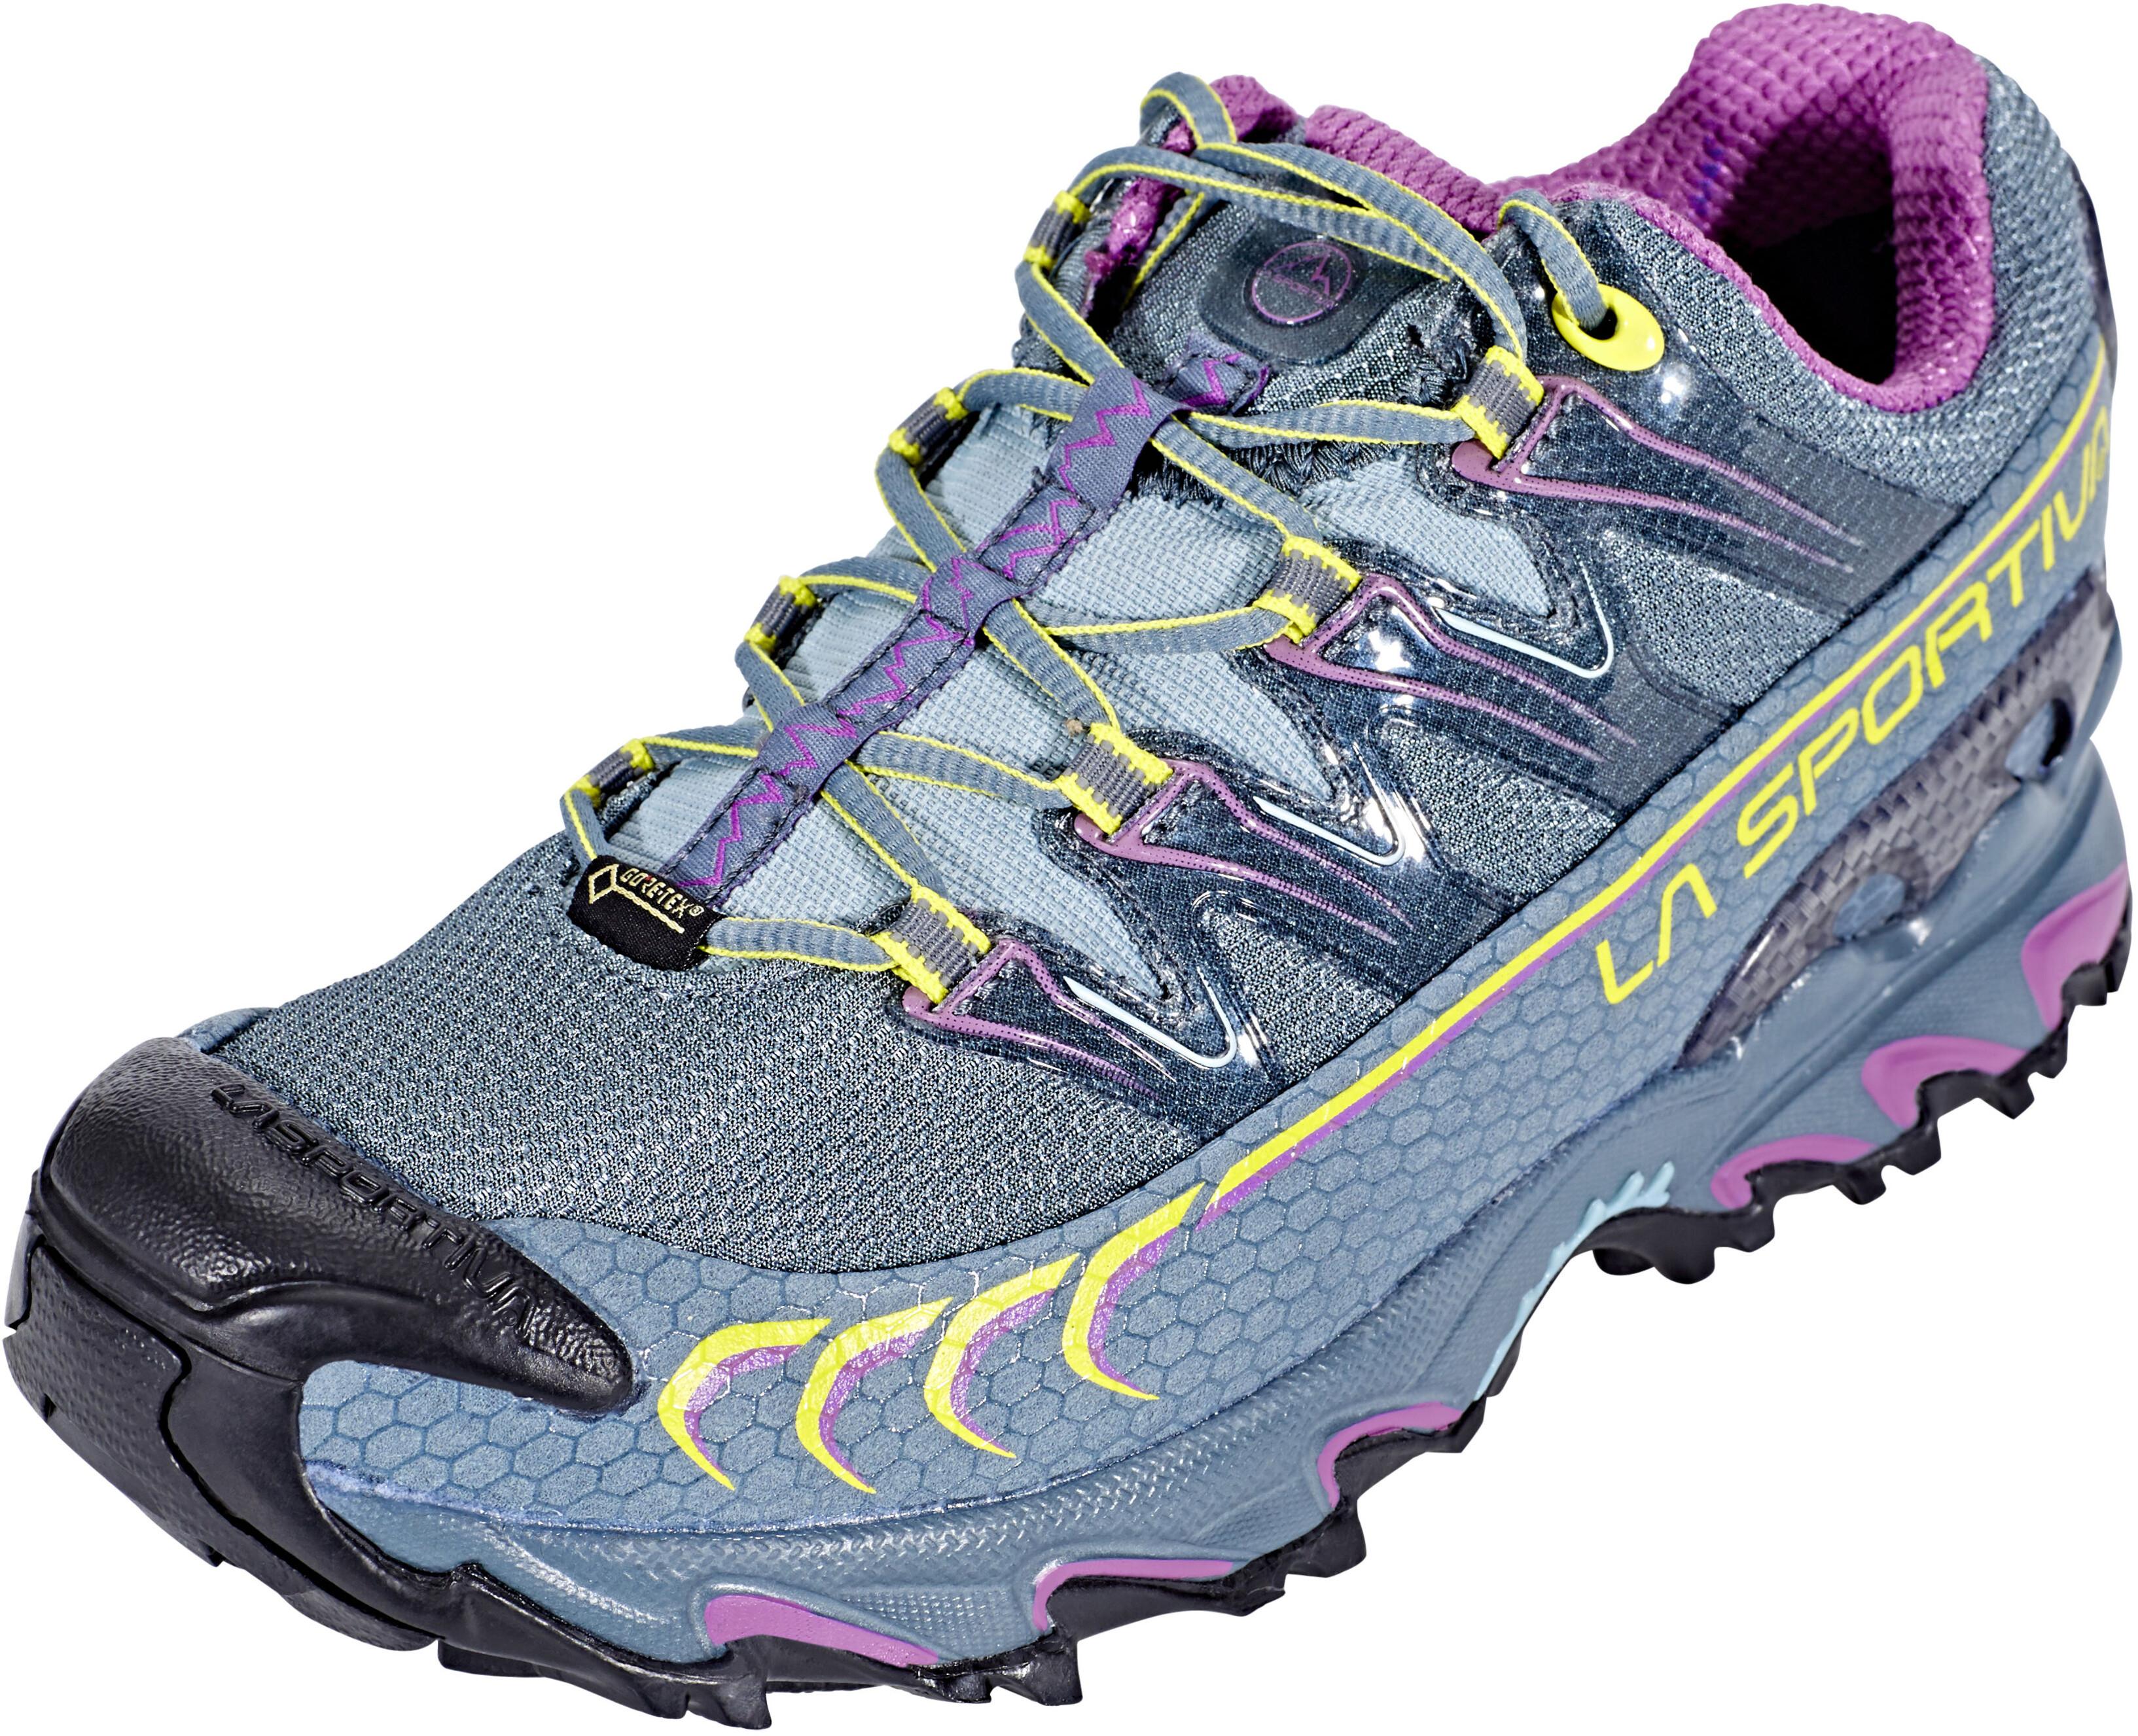 2496cd674f333 La Sportiva Ultra Raptor GTX - Zapatillas running Mujer - gris ...